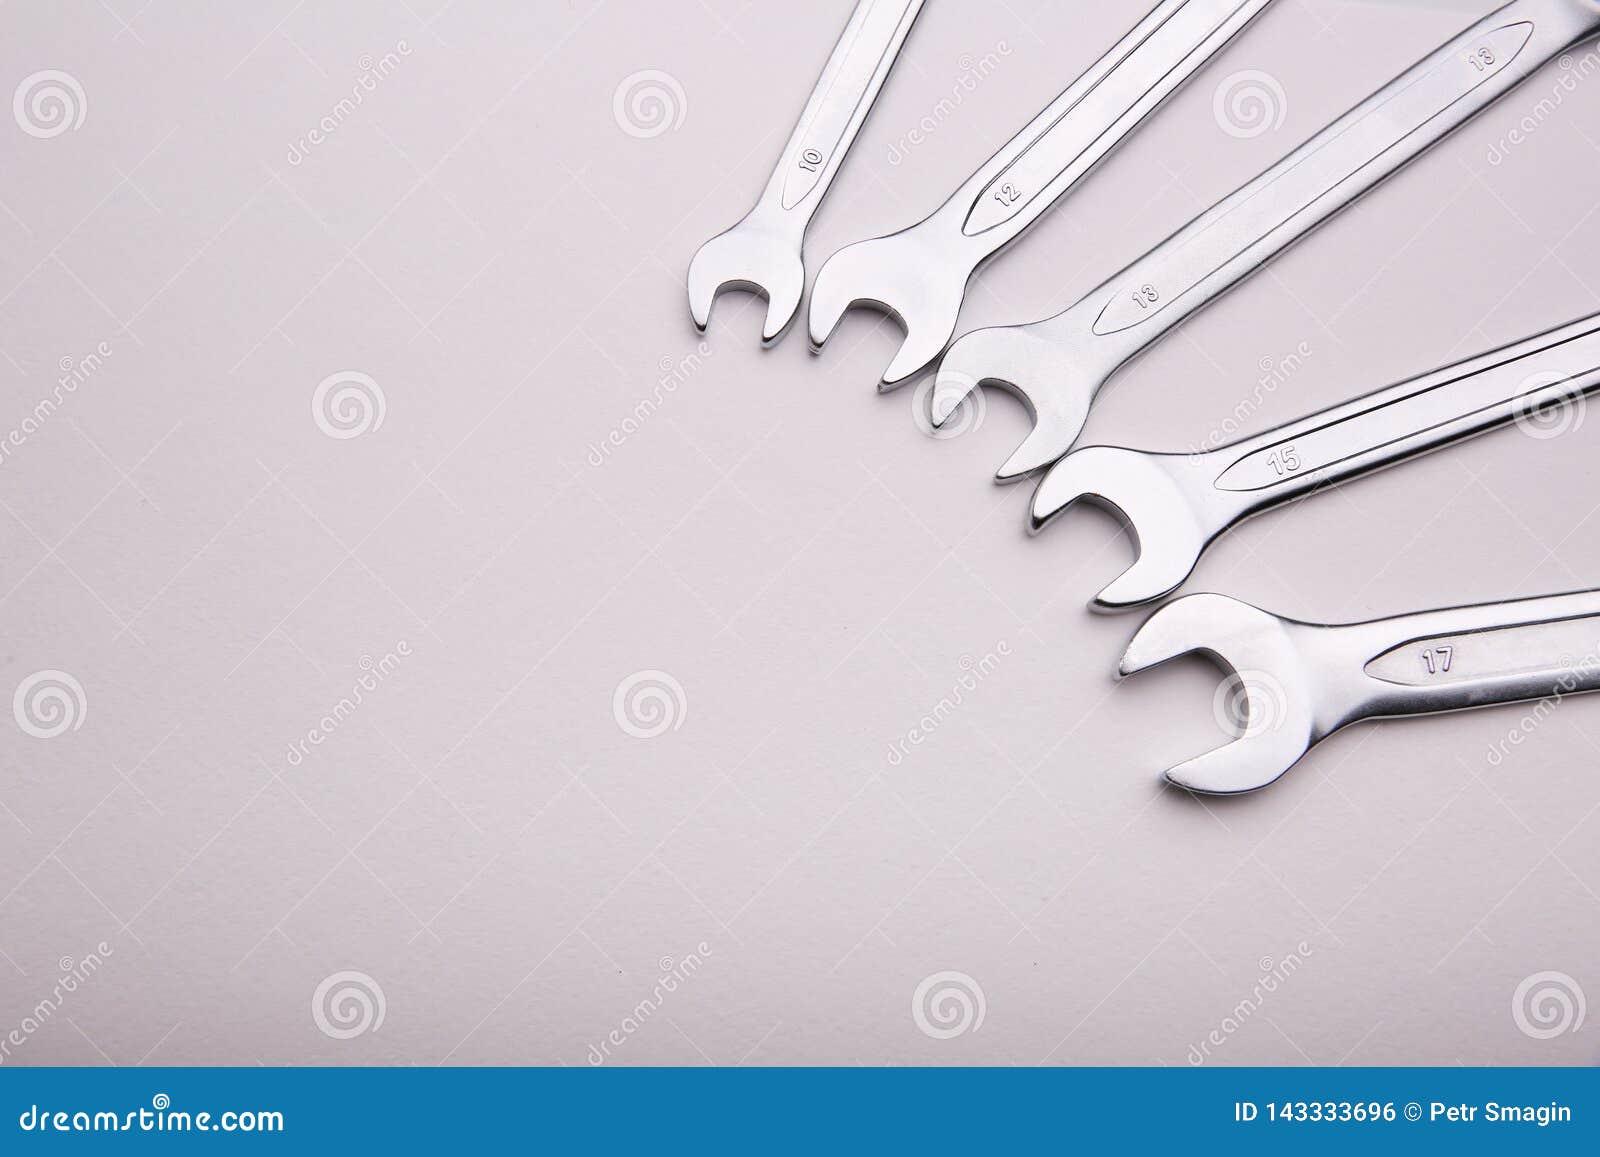 Le chiavi si trovano su un fondo bianco in un semicerchio sul lato